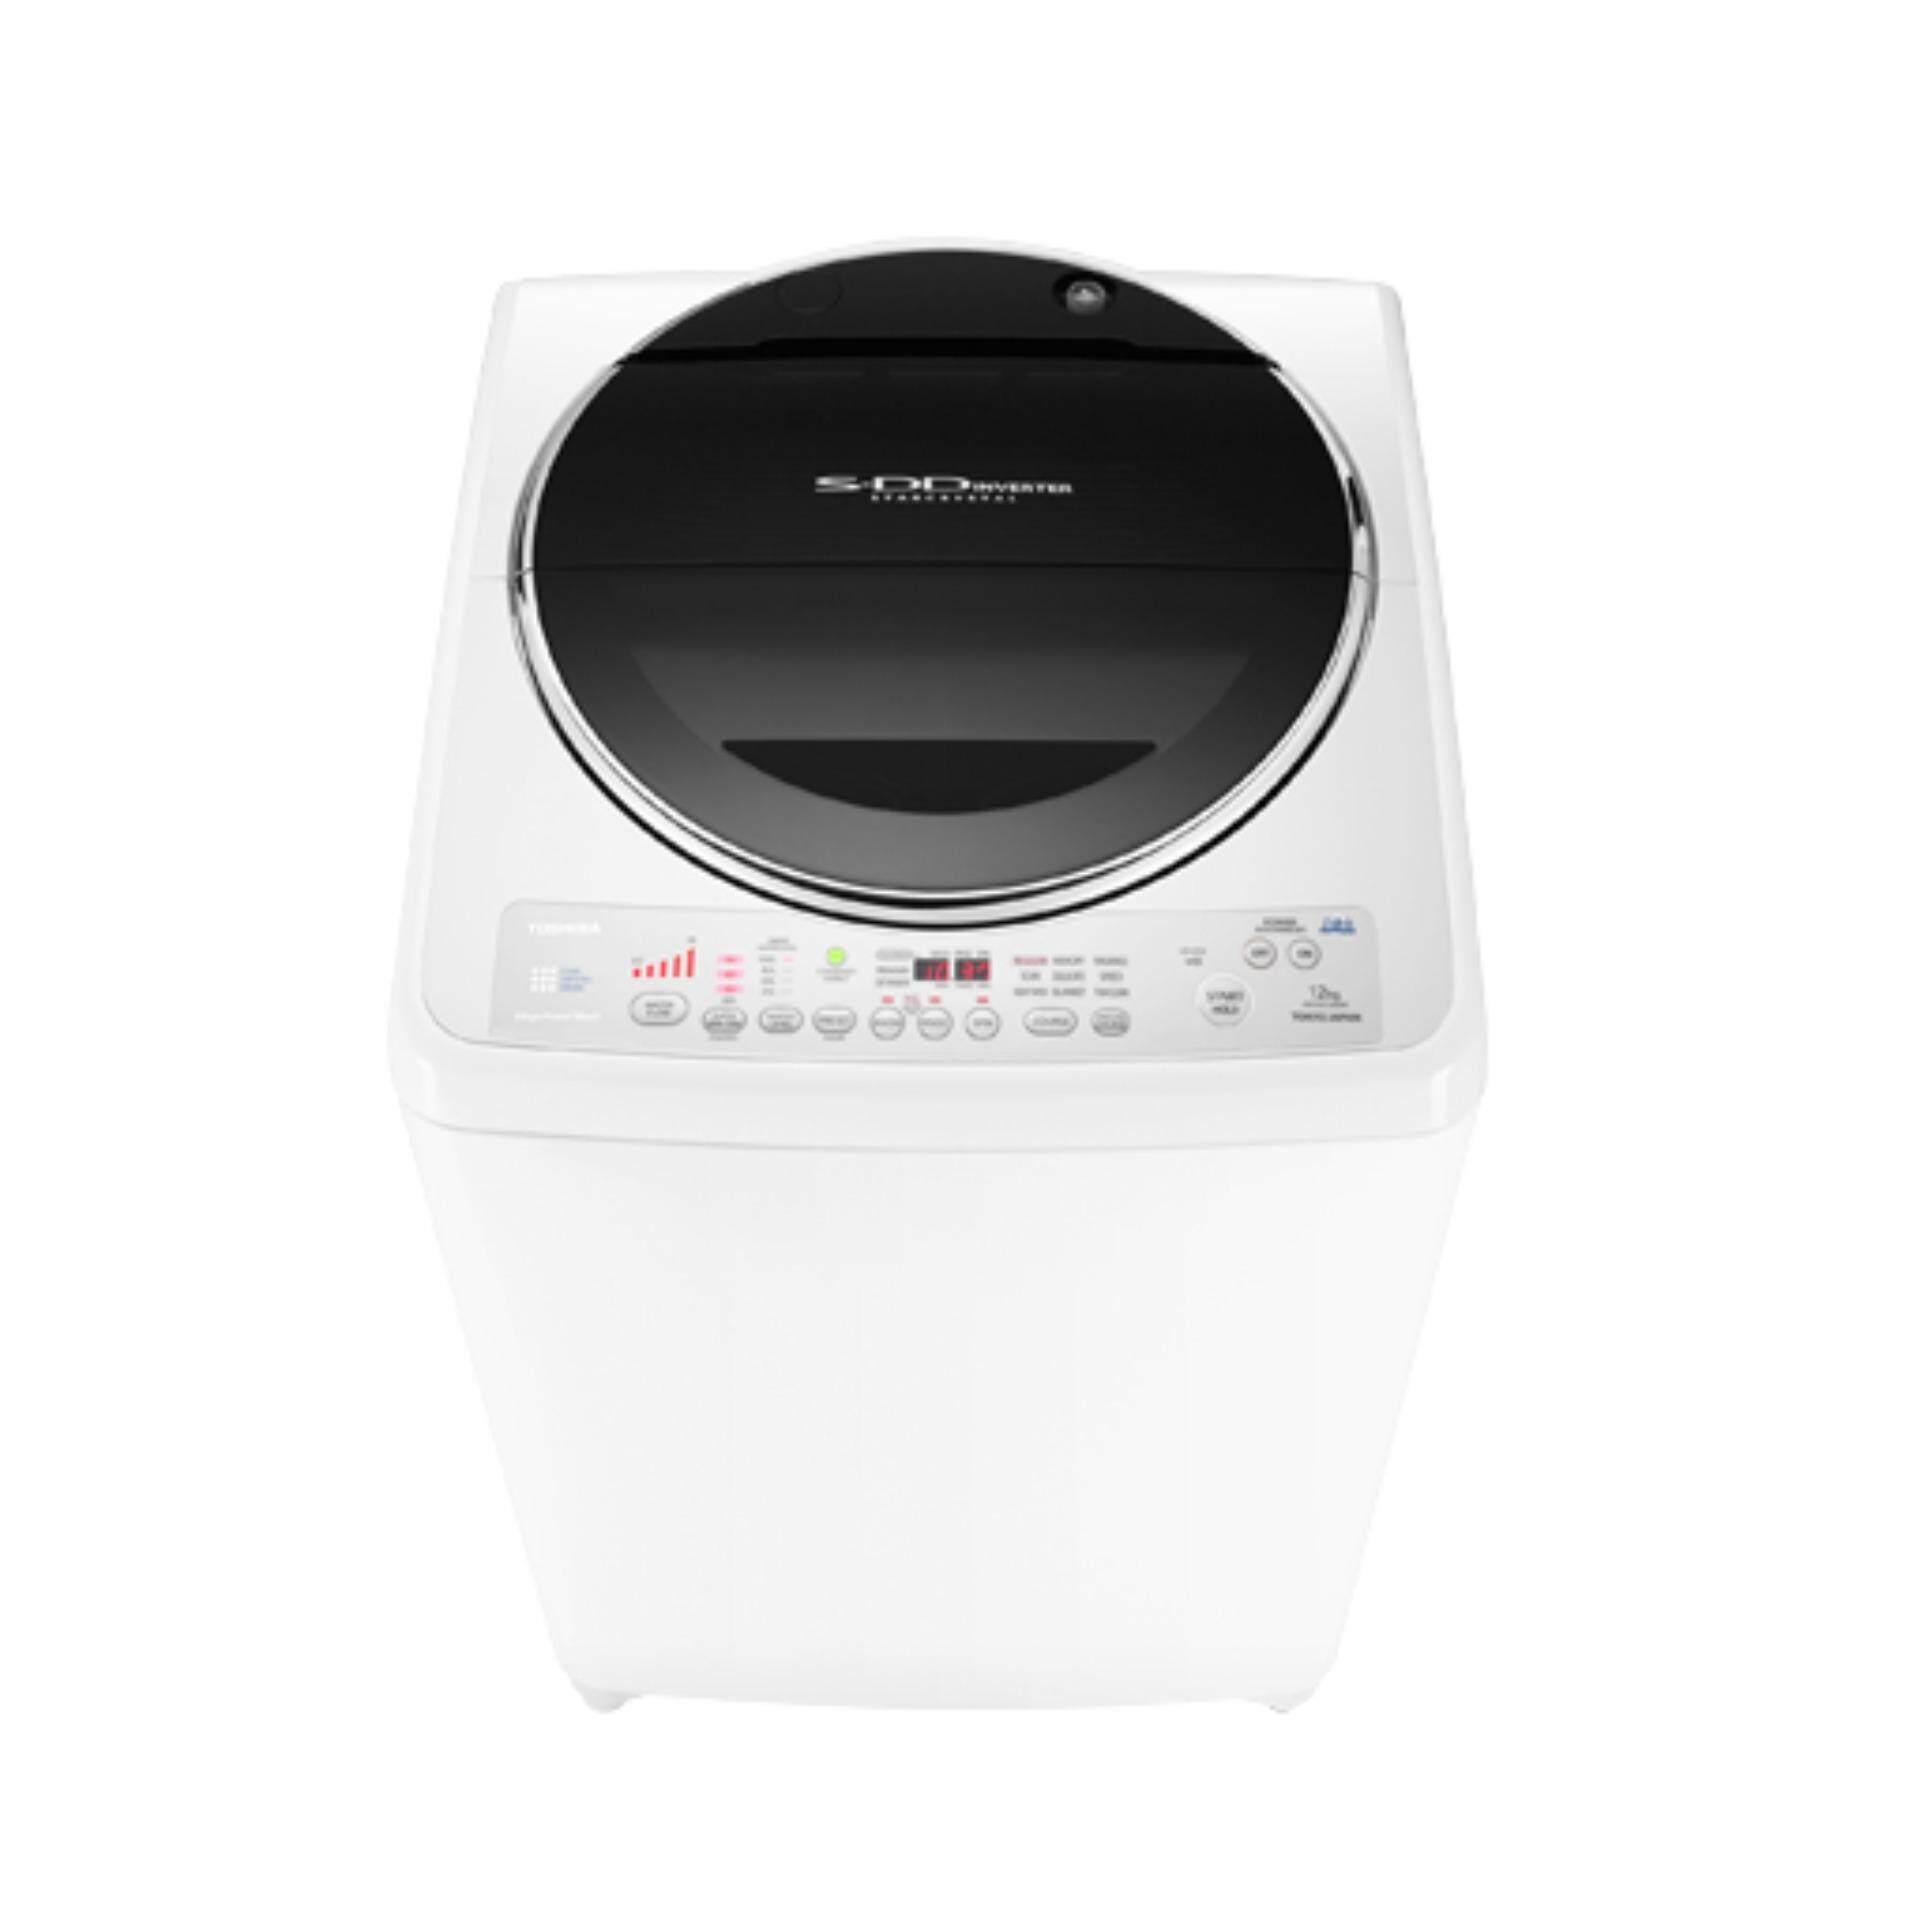 ลดราคา เครื่องซักผ้า LG Global ลดโปรโมชั่น -15% LG เครื่องซักผ้า 2 ถัง ขนาด 13 kg. รุ่น WP1650ROT เว็บนี้ถูกสุด